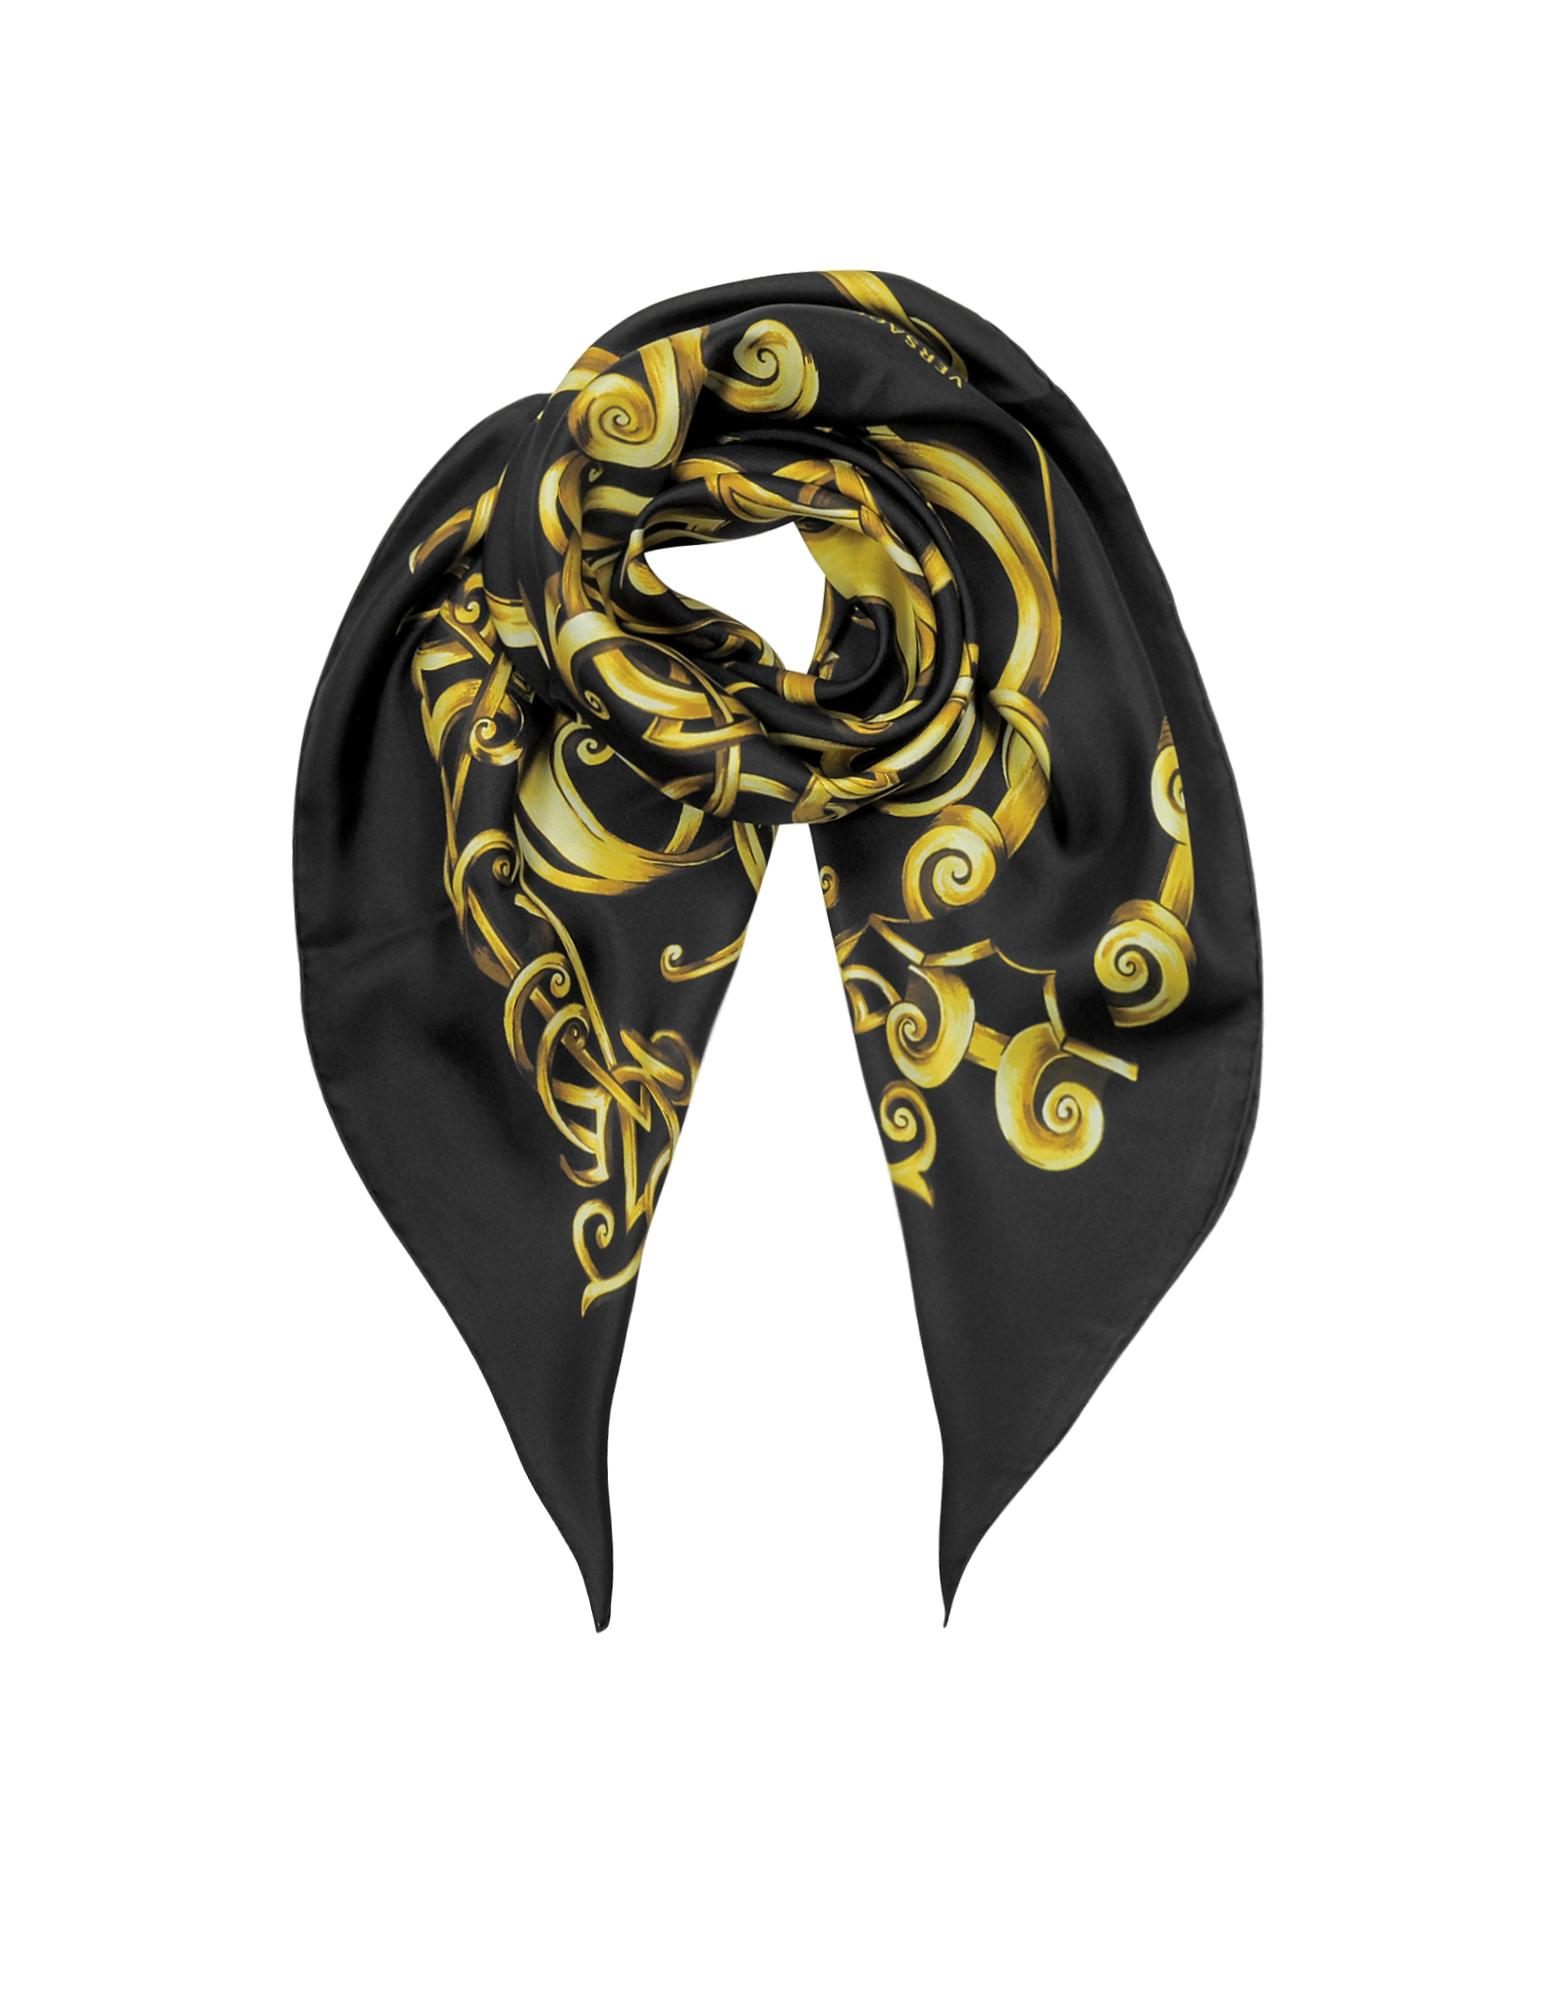 Черная Косынка из Твилового Шелка с Золотистым Принтом Барокко